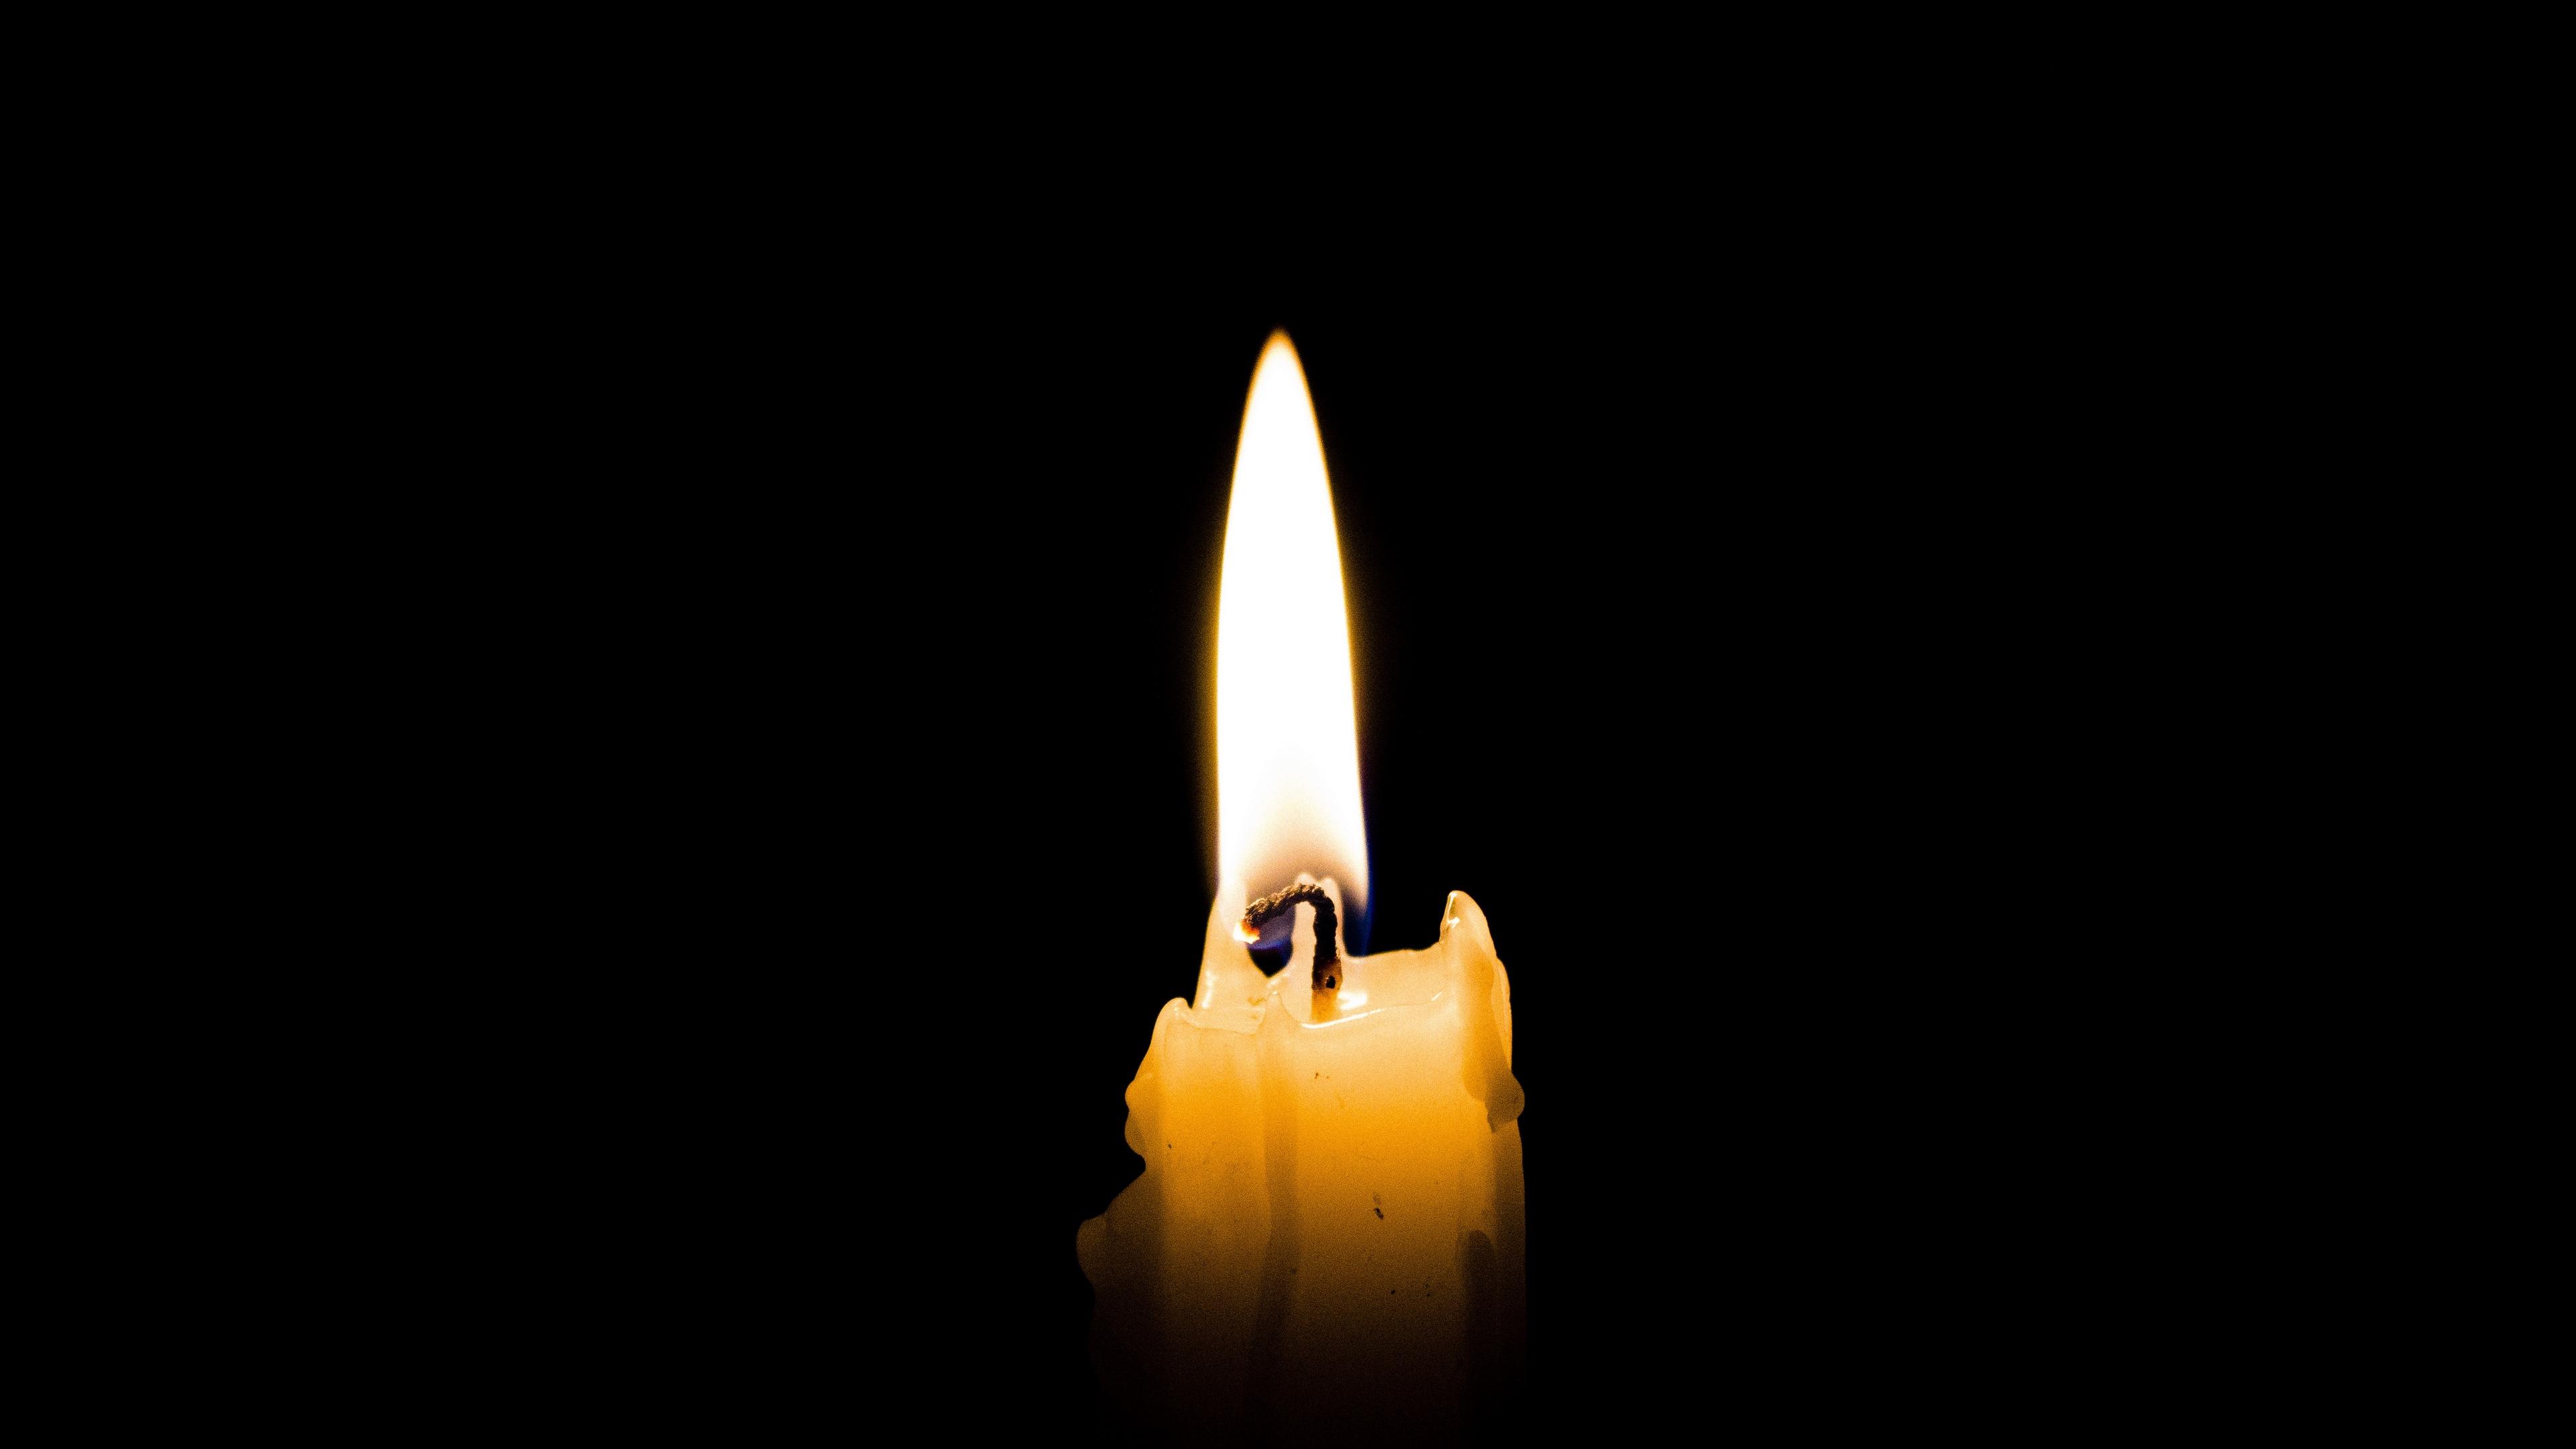 candle wax wick fire 4k 1540575939 - candle, wax, wick, fire 4k - wick, wax, candle